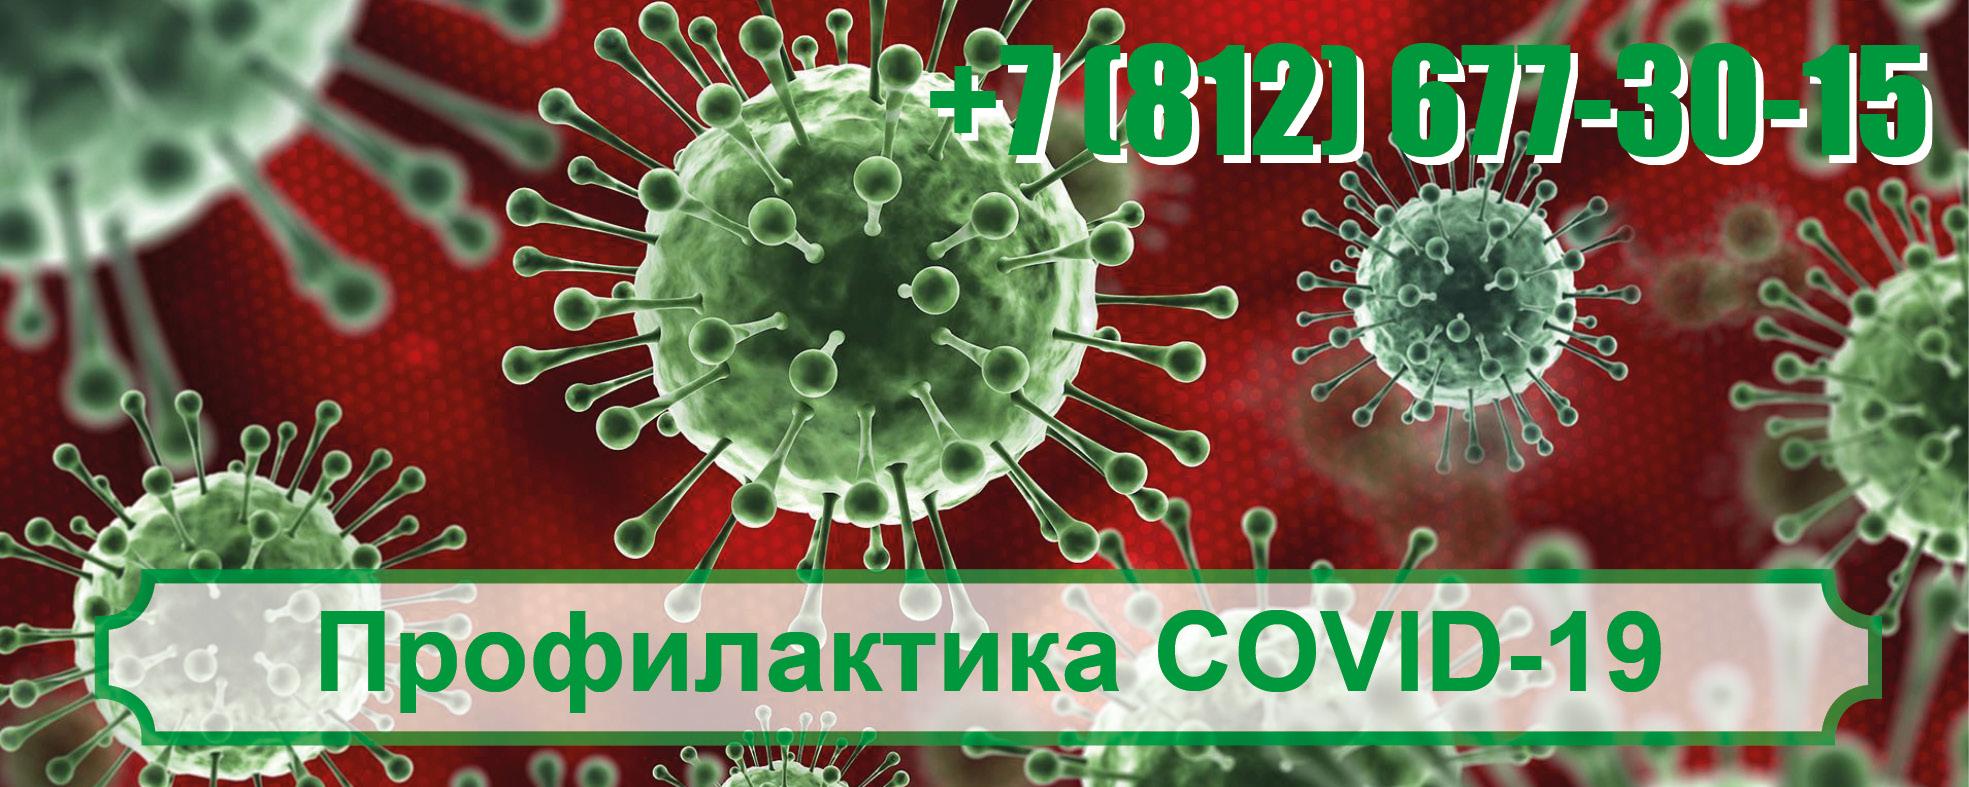 профилактика короновирусной болезни covid-19